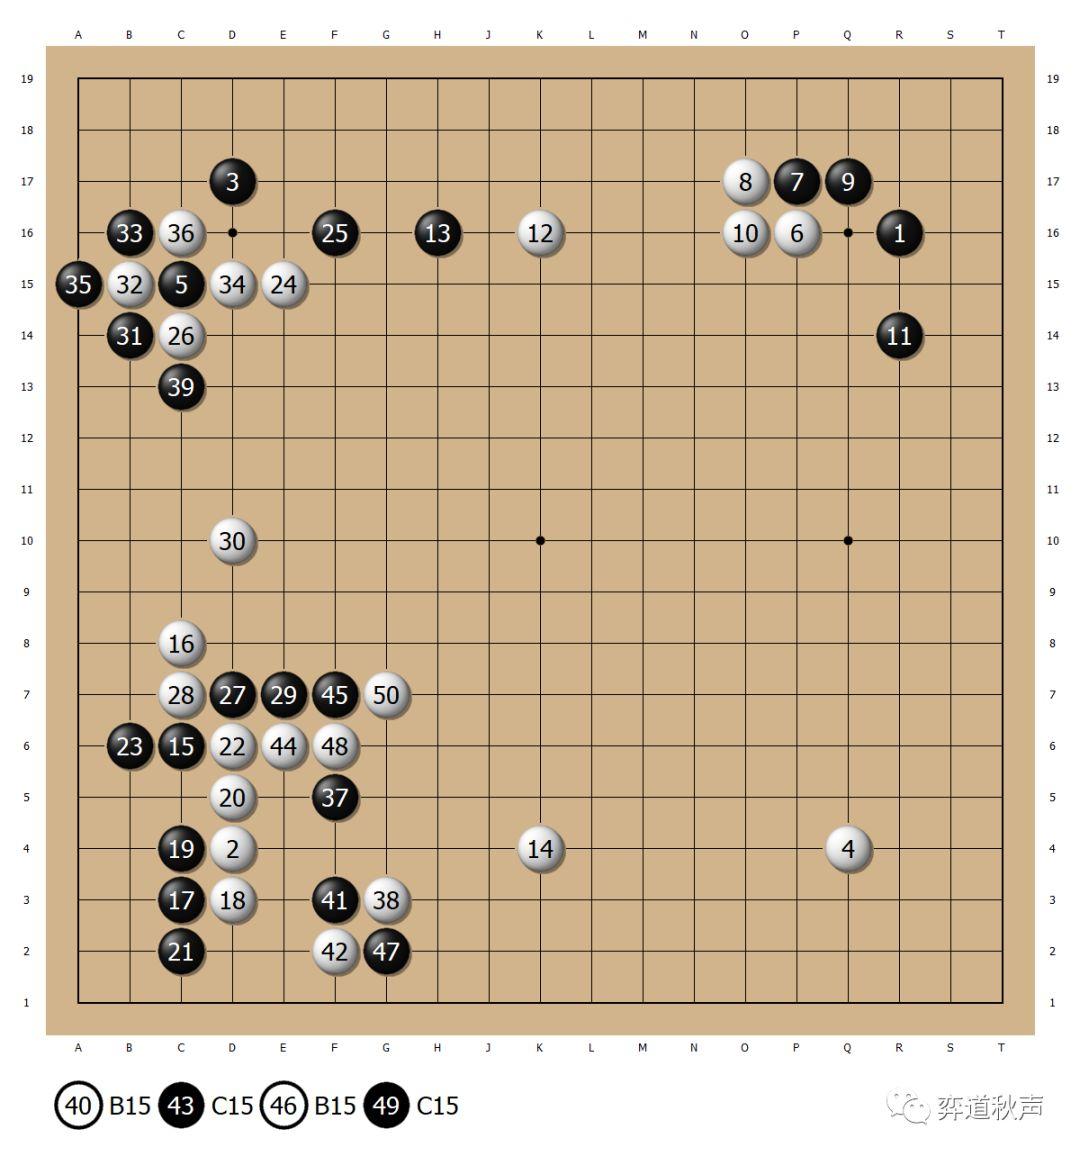 富士通杯回顾系列(78) 美国棋手难撼超一流 赵治勋轻松晋级